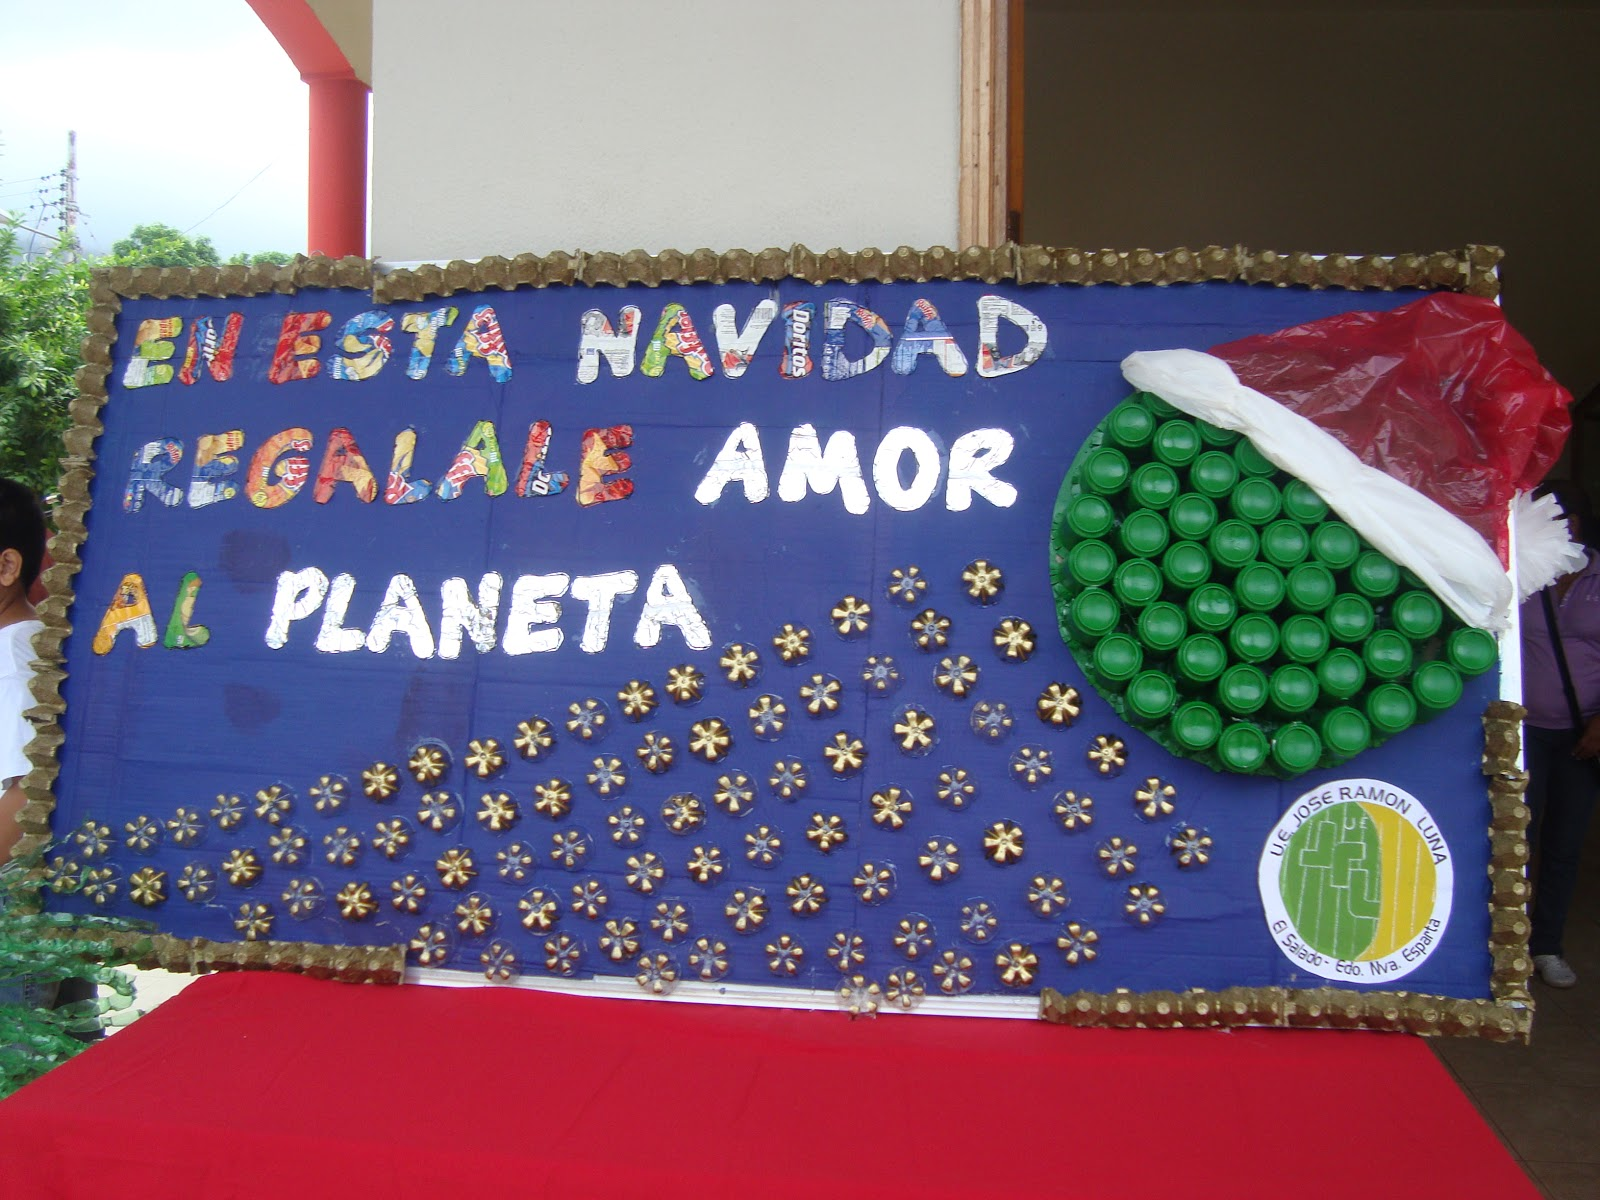 ANTOLN TURSTICO Parrandn escolar Navideo y Exposicin de cartelera en la Plaza de Paraguach